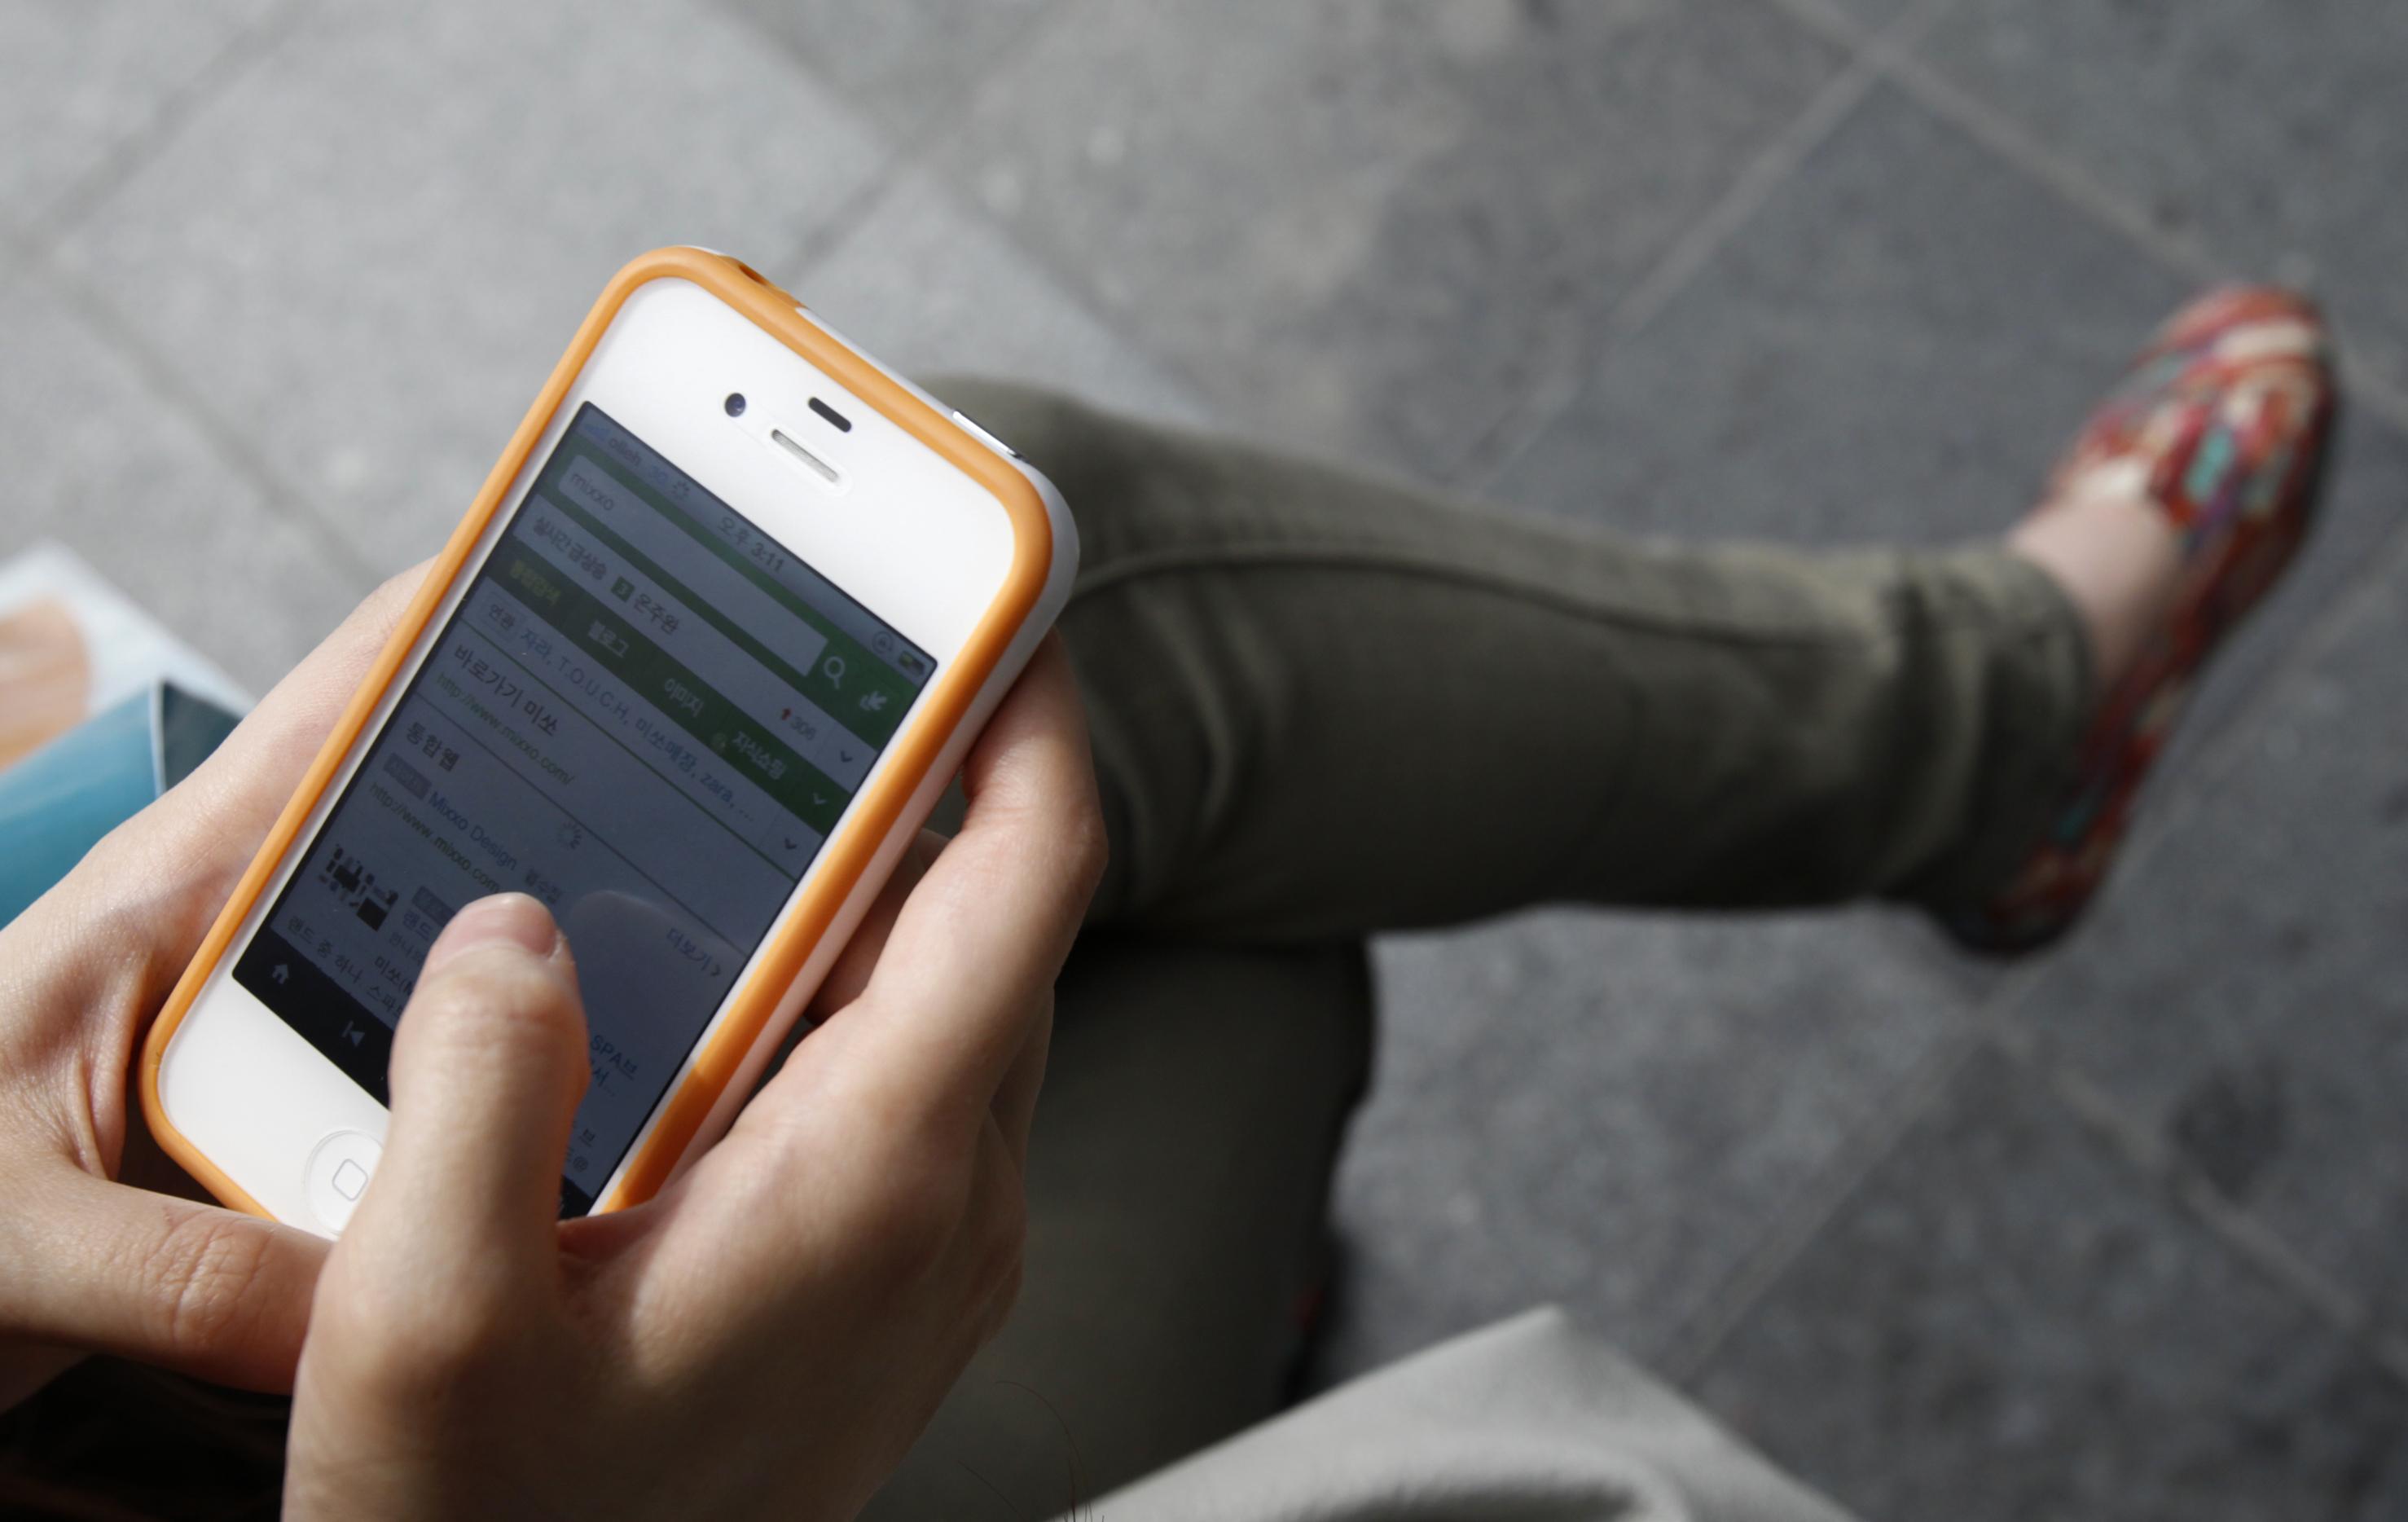 4ce6d2707d75 Les 16-30 ans passent une journée par semaine sur leur smartphone